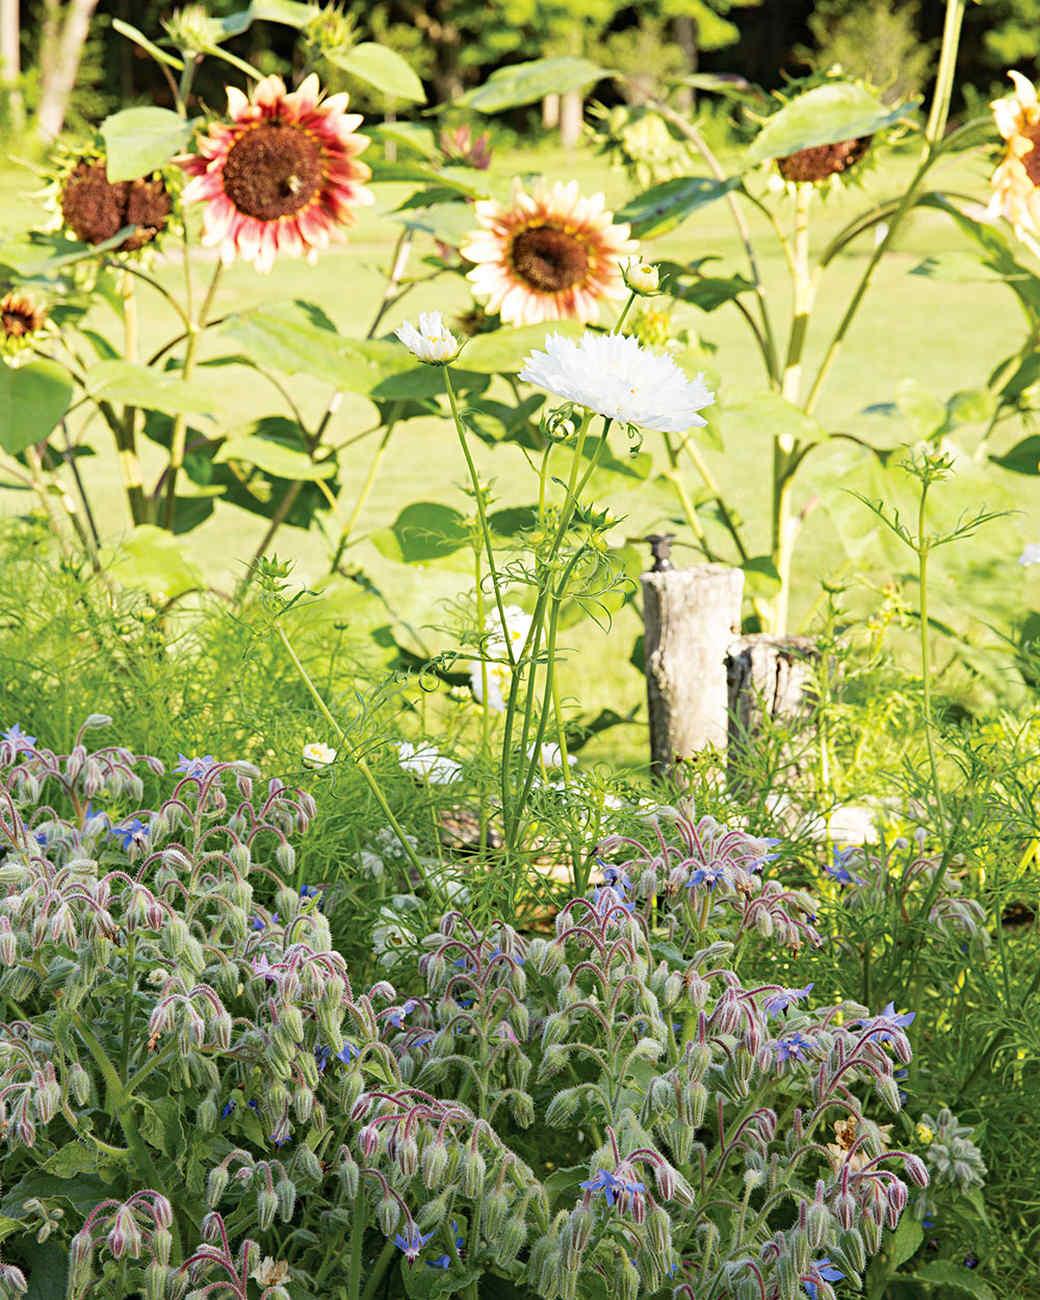 rockefeller-sunflower-borage-452-d112371.jpg